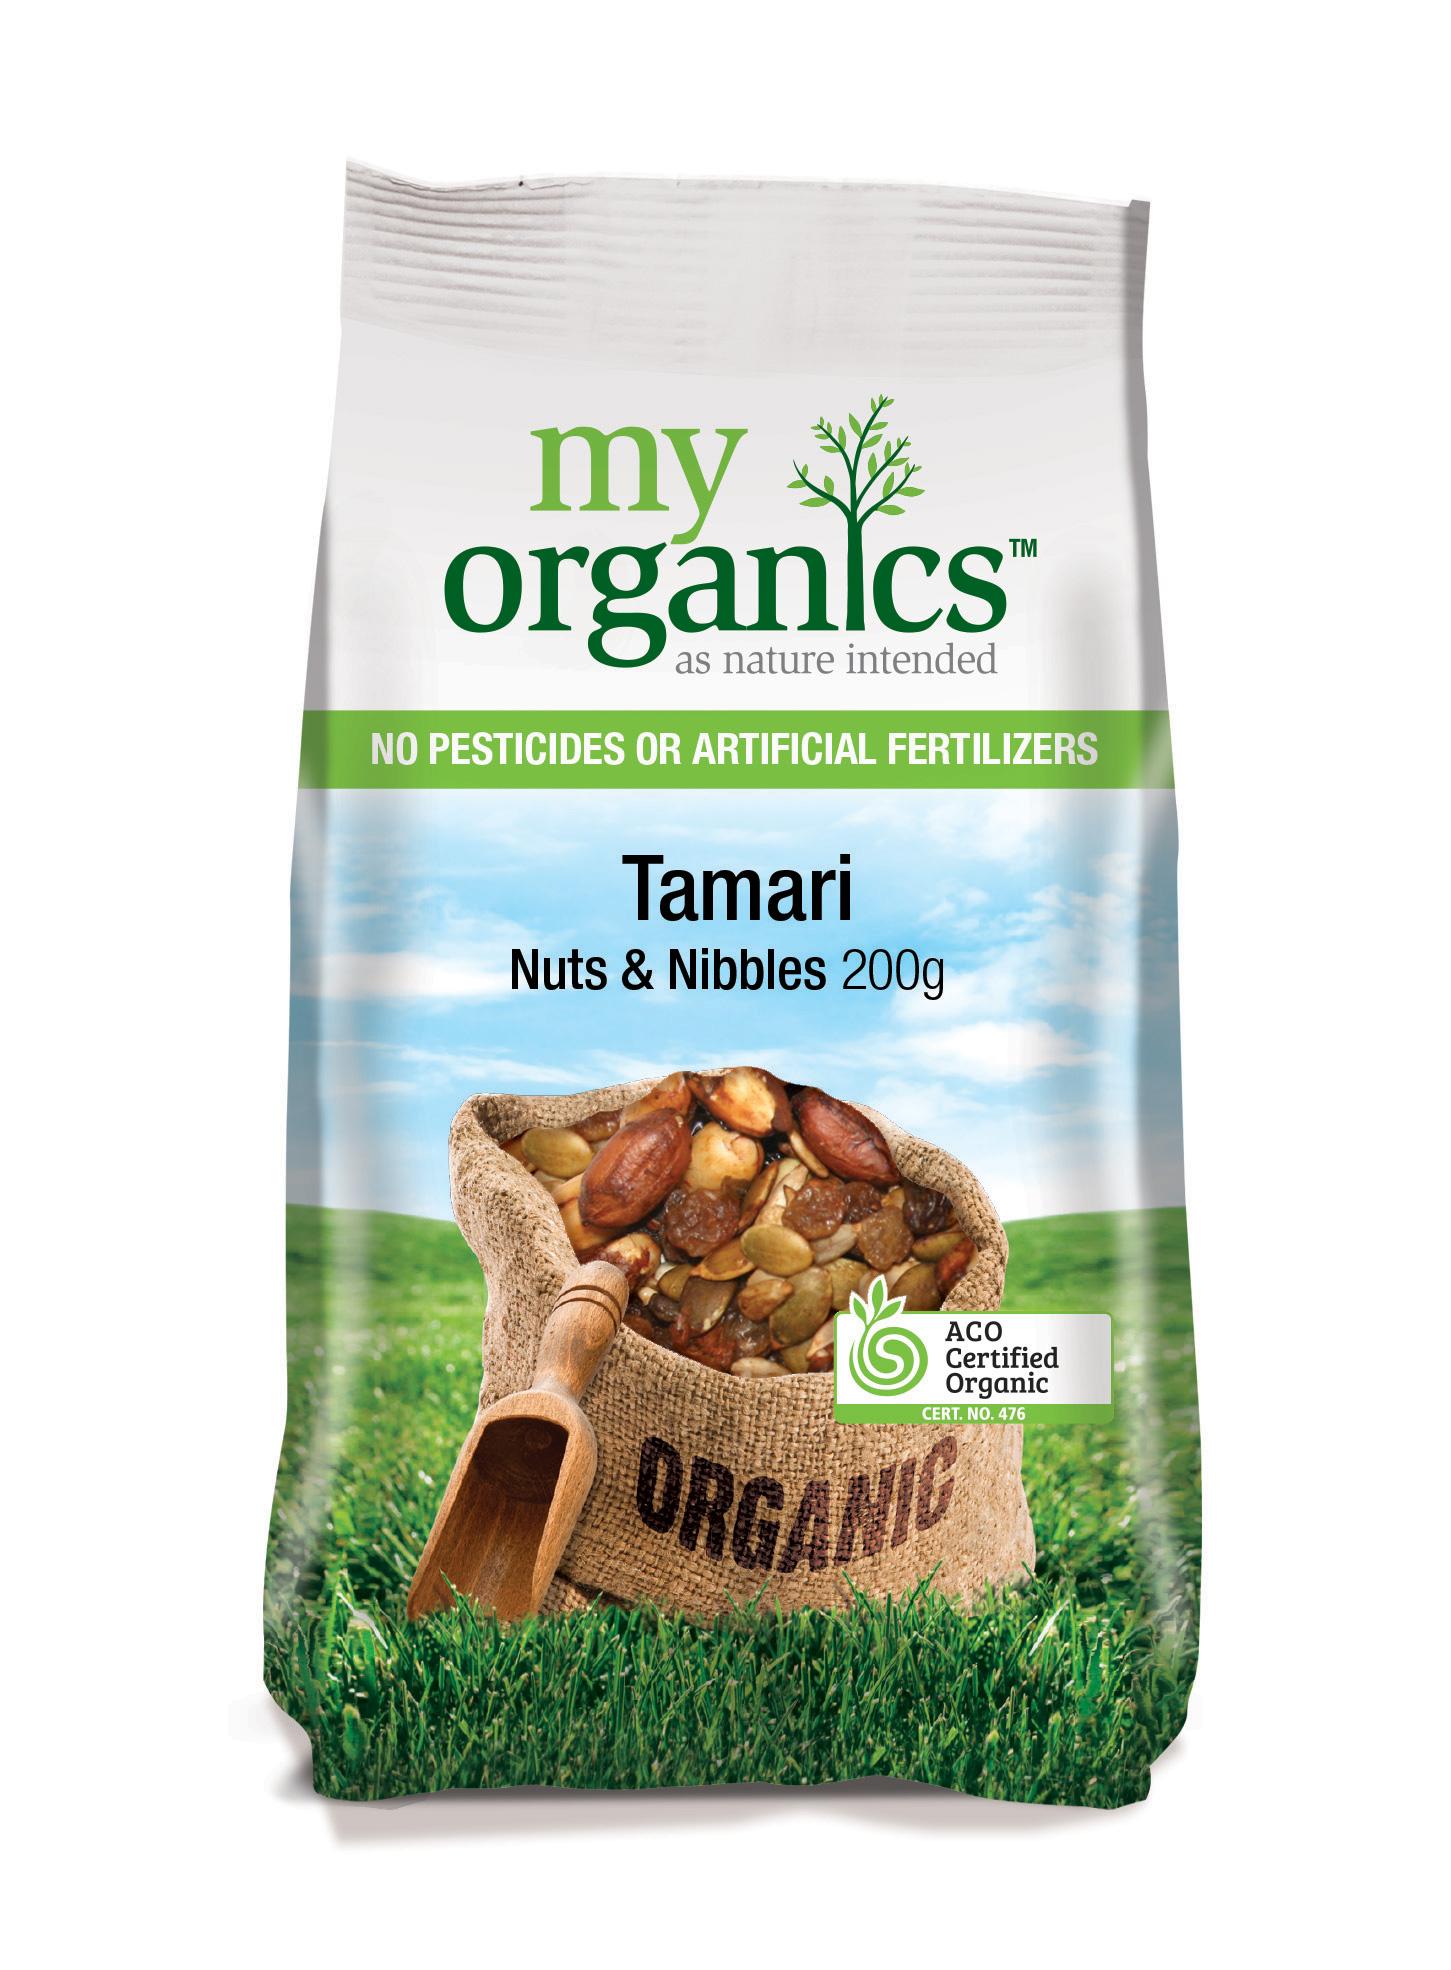 Tamari Nuts and Nibbles